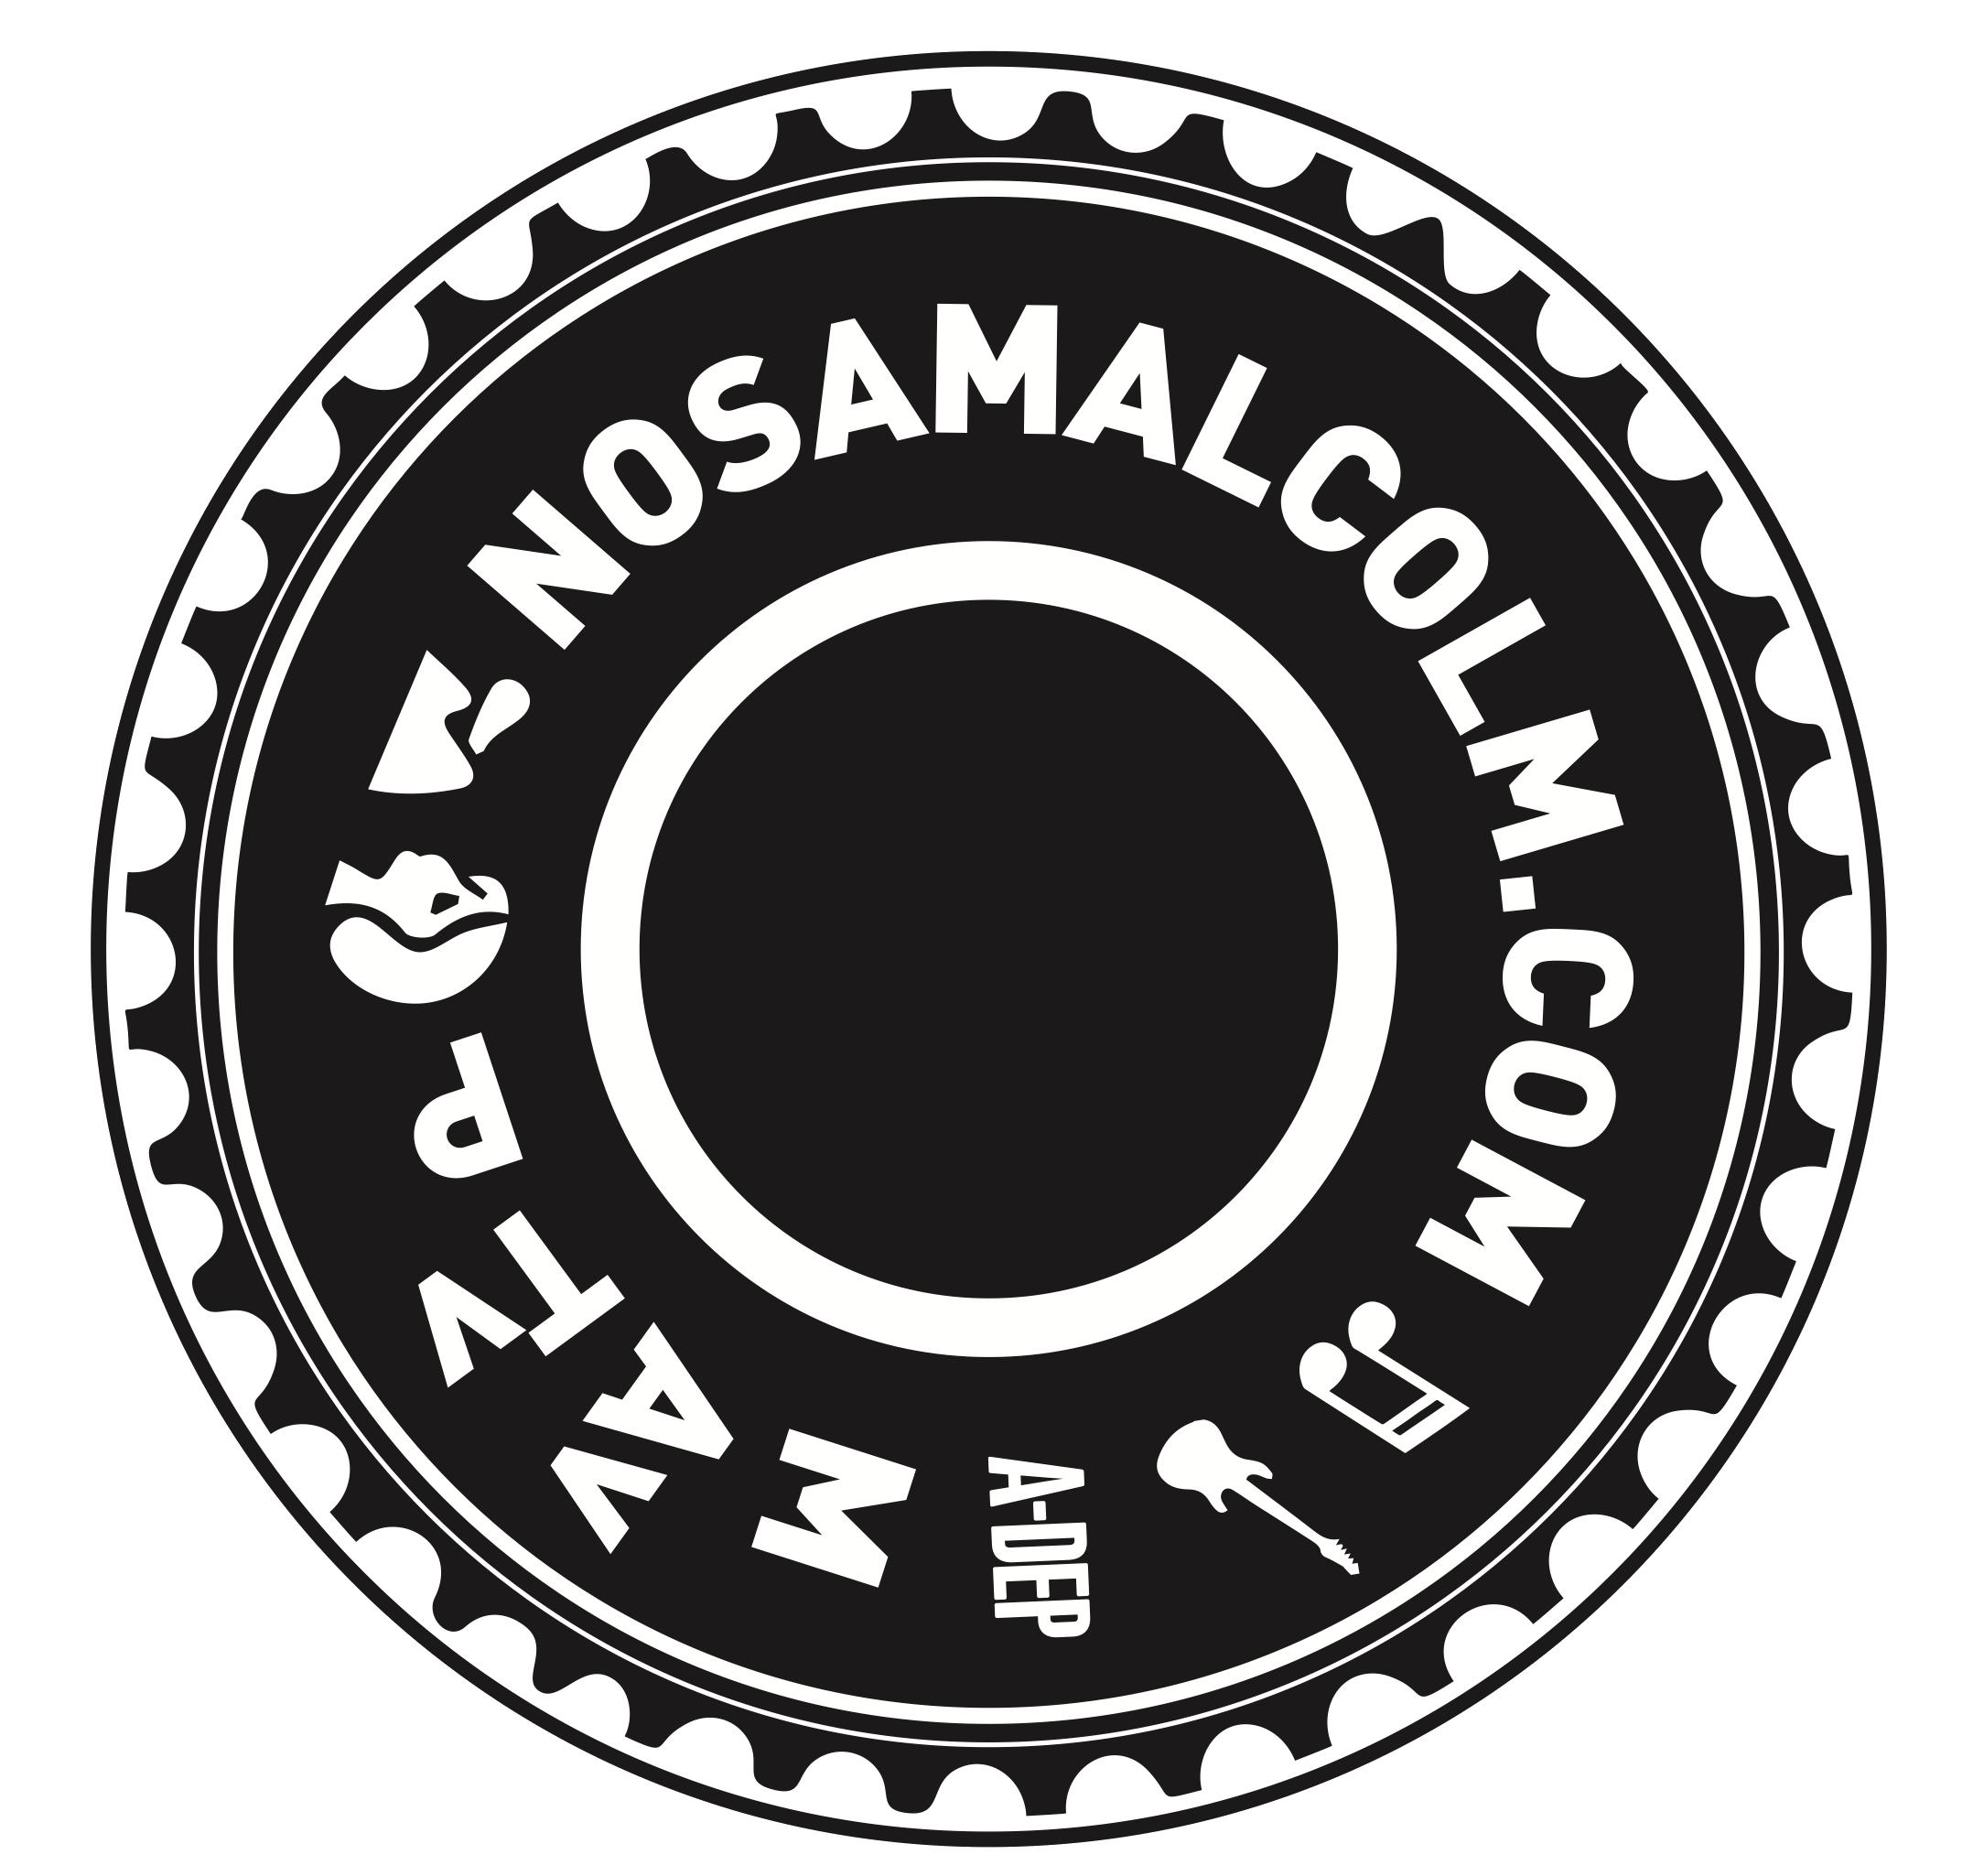 Nosa Malcolm